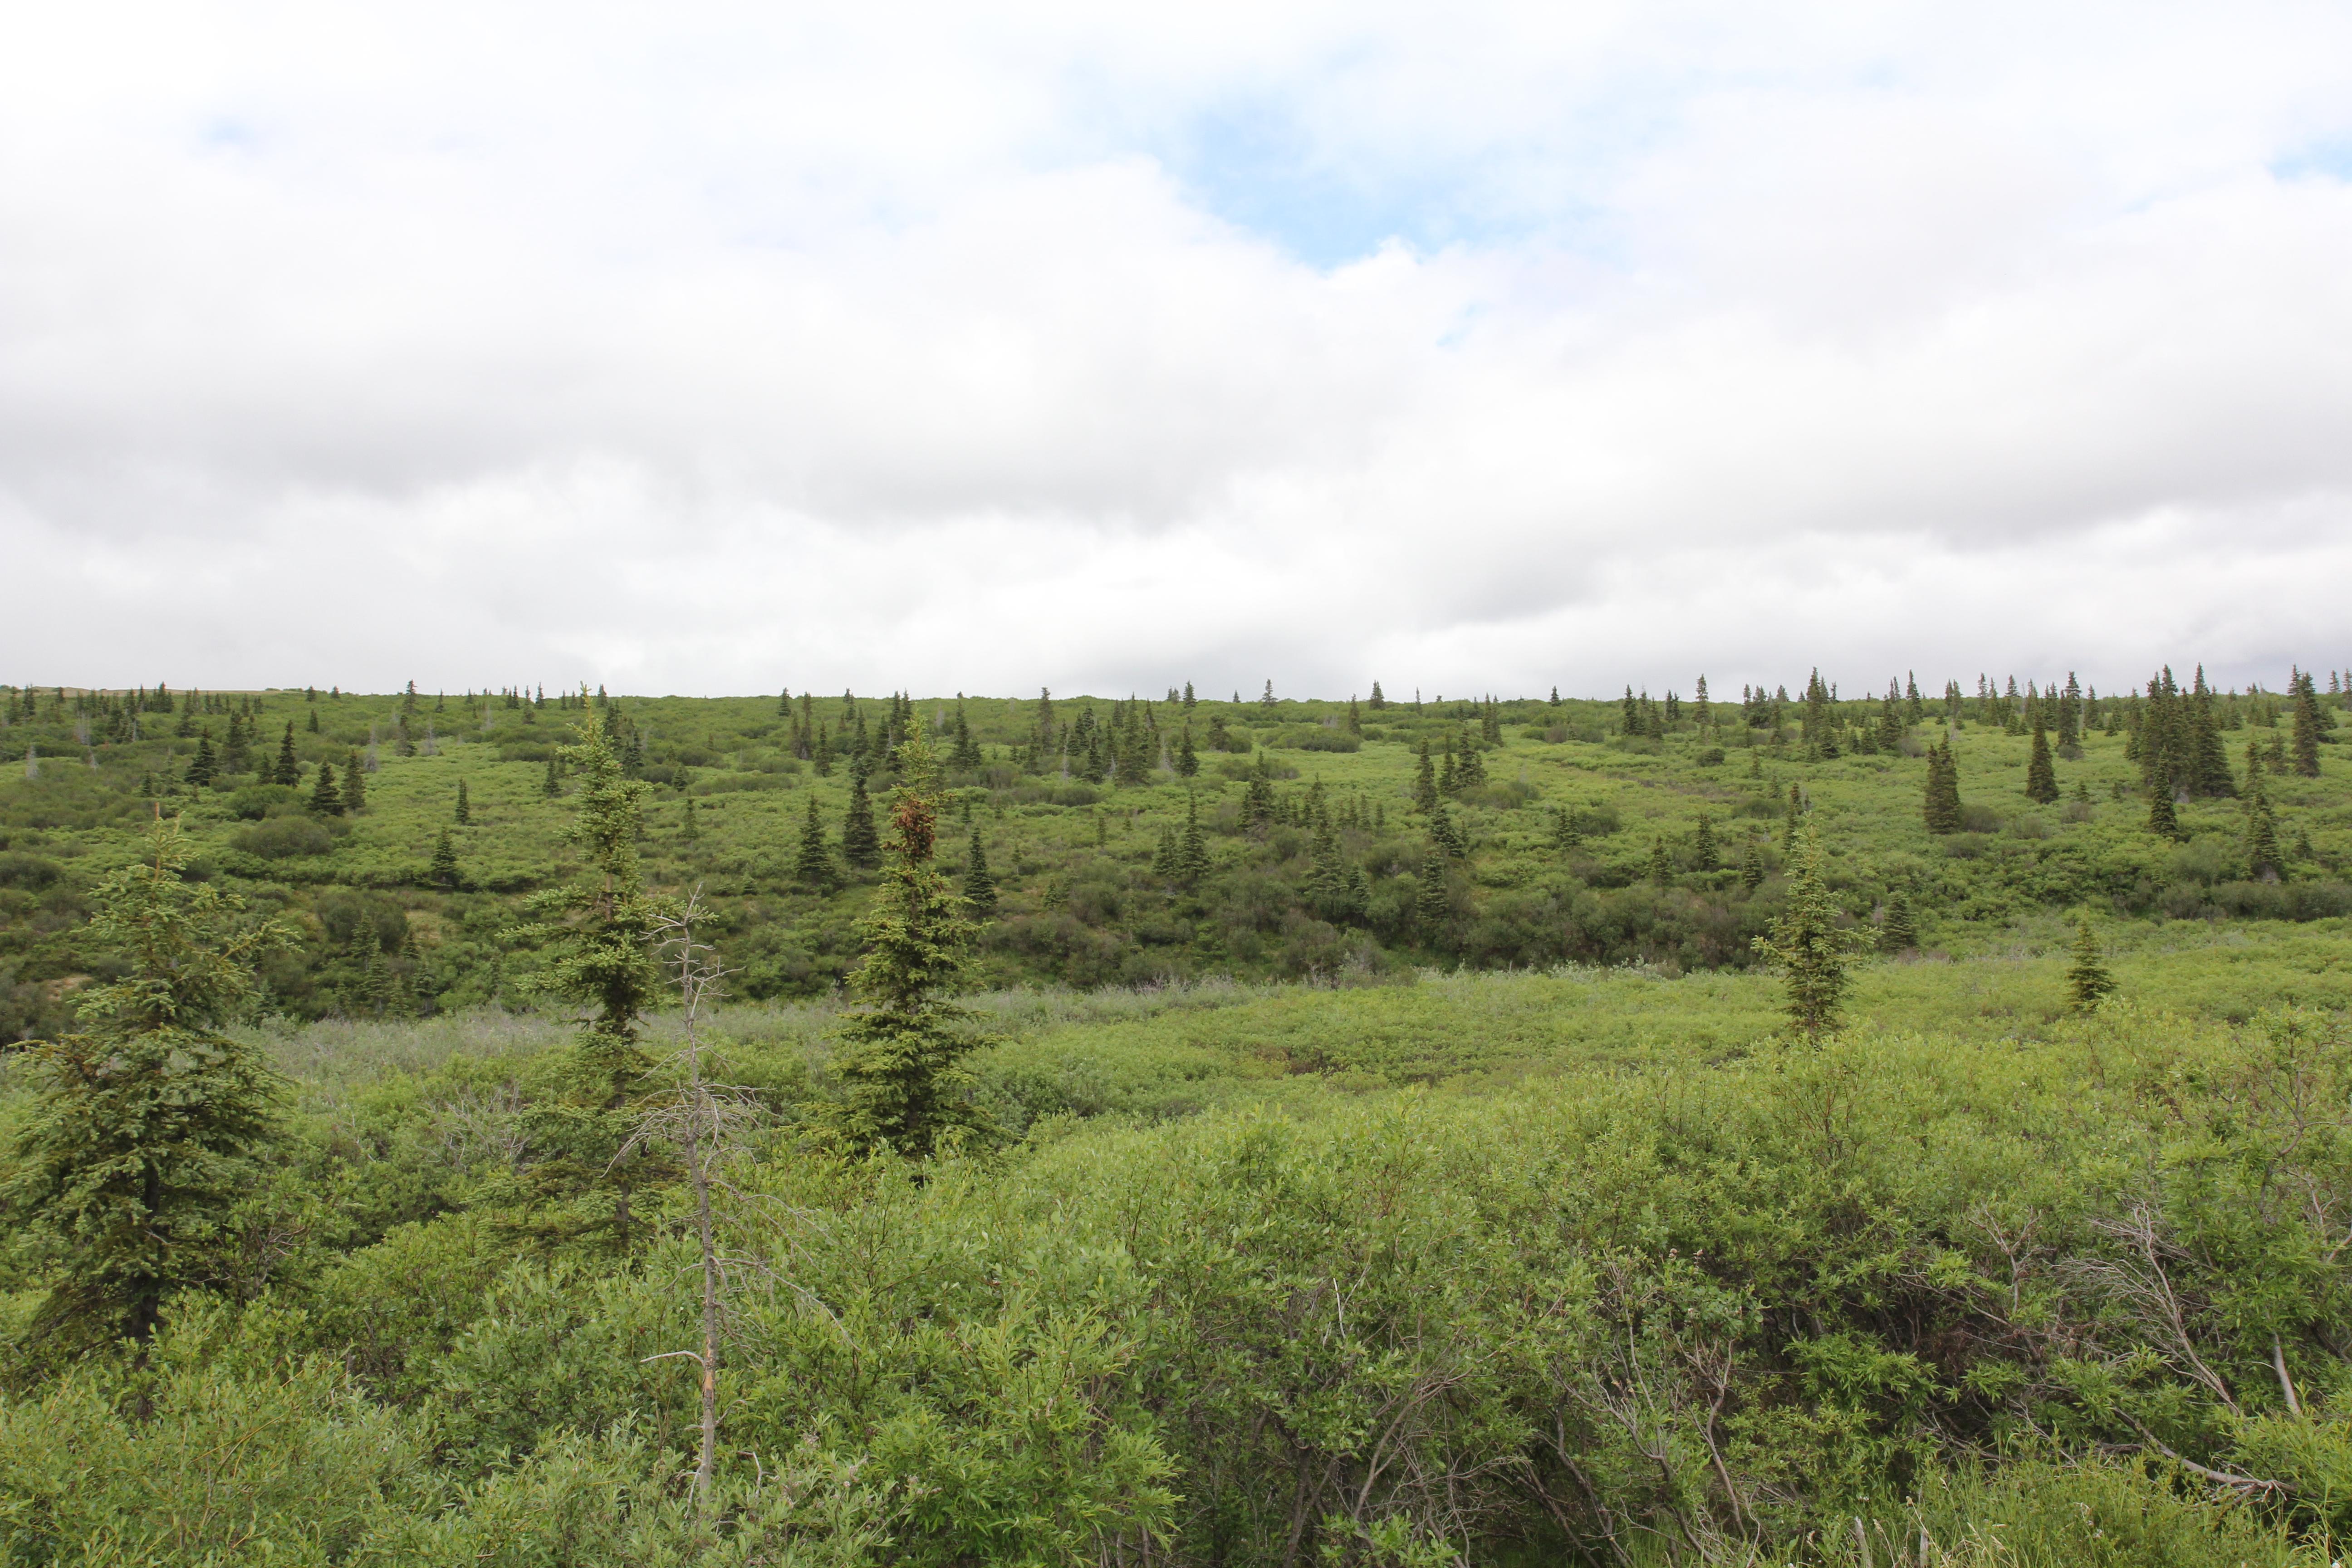 알래스카 영구동토지역(툰드라)의 경계선까지 가문비나무가 진출해 있다. 지구온난화가 빨라지면서 가문비나무가 북상하고 있다.